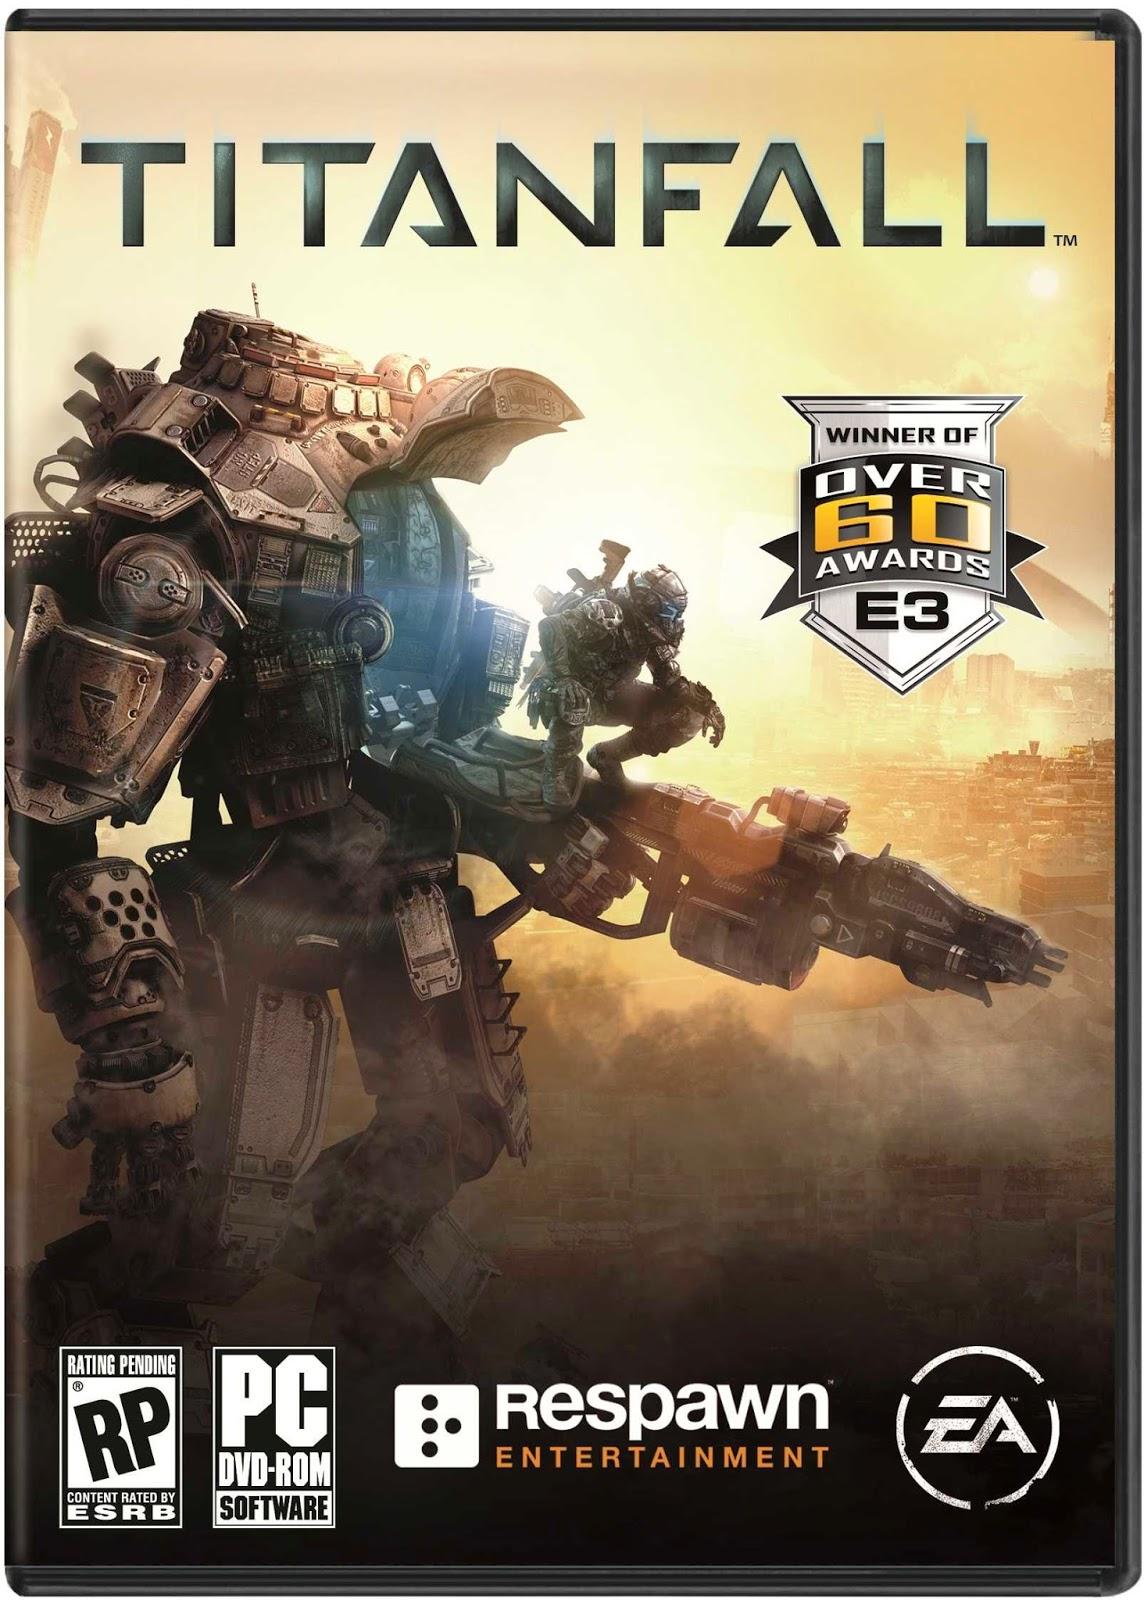 Titanfall Repack Fully Full Version